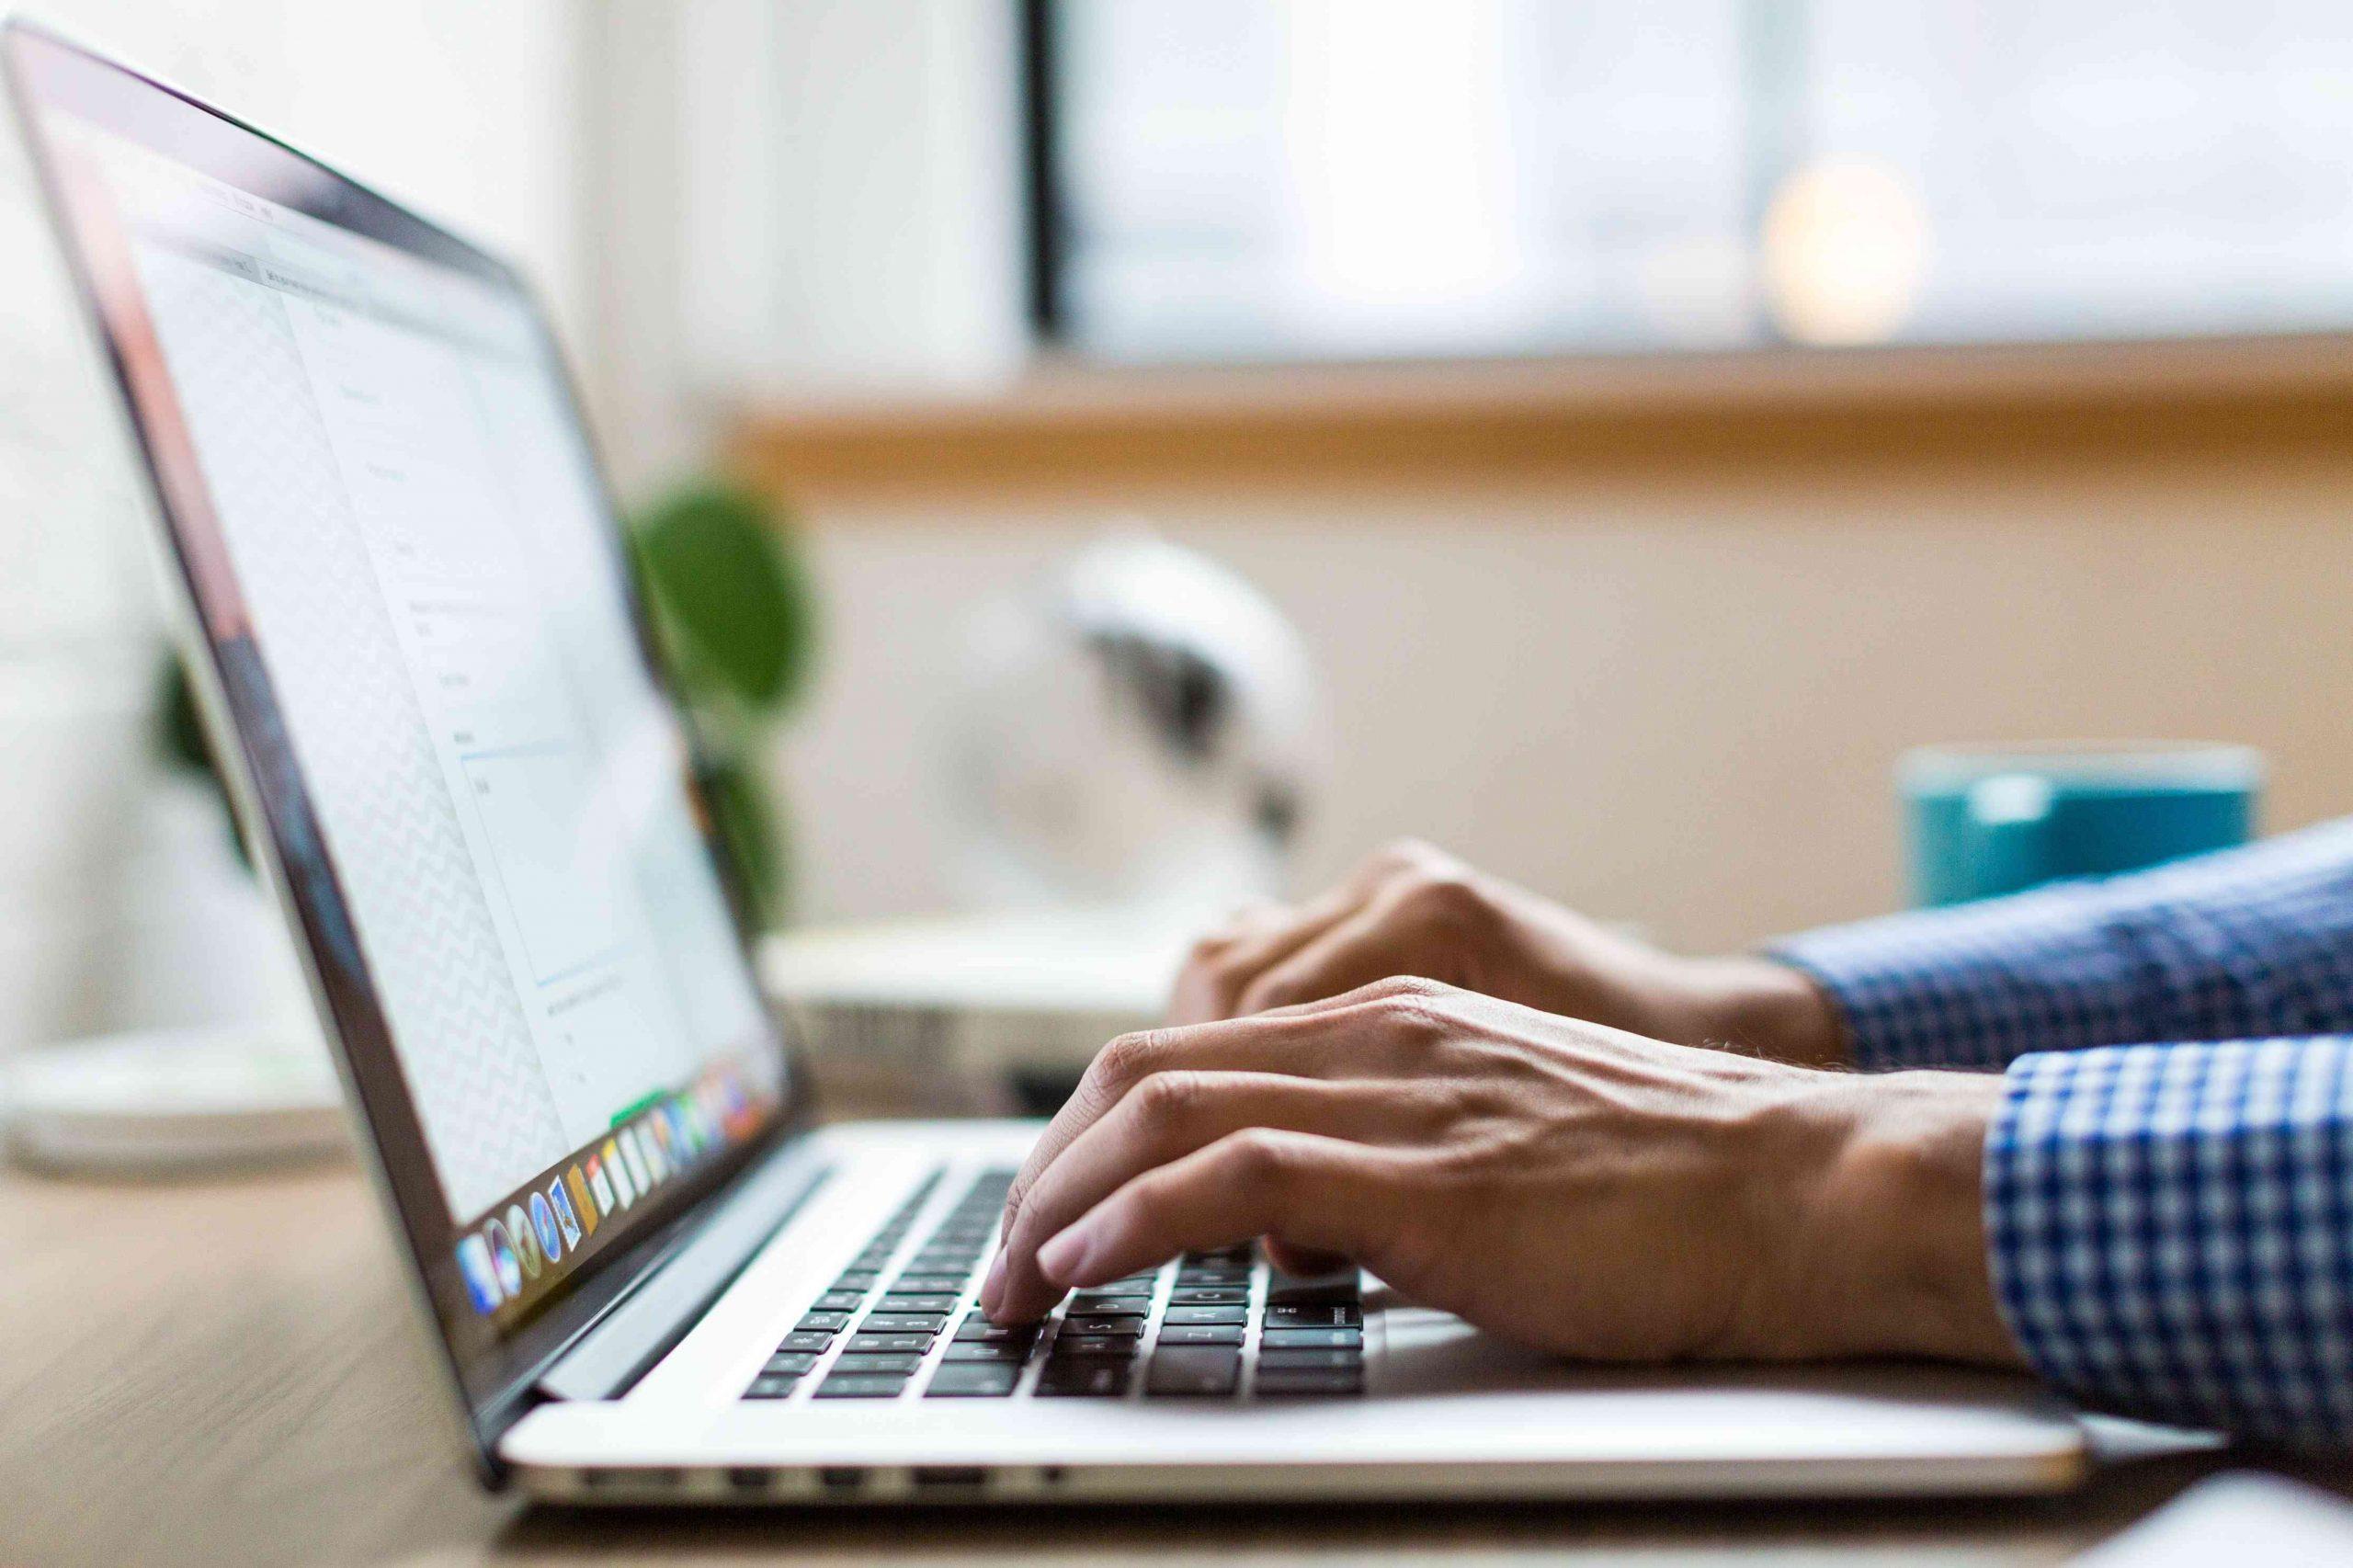 Veilig online met een MacBook